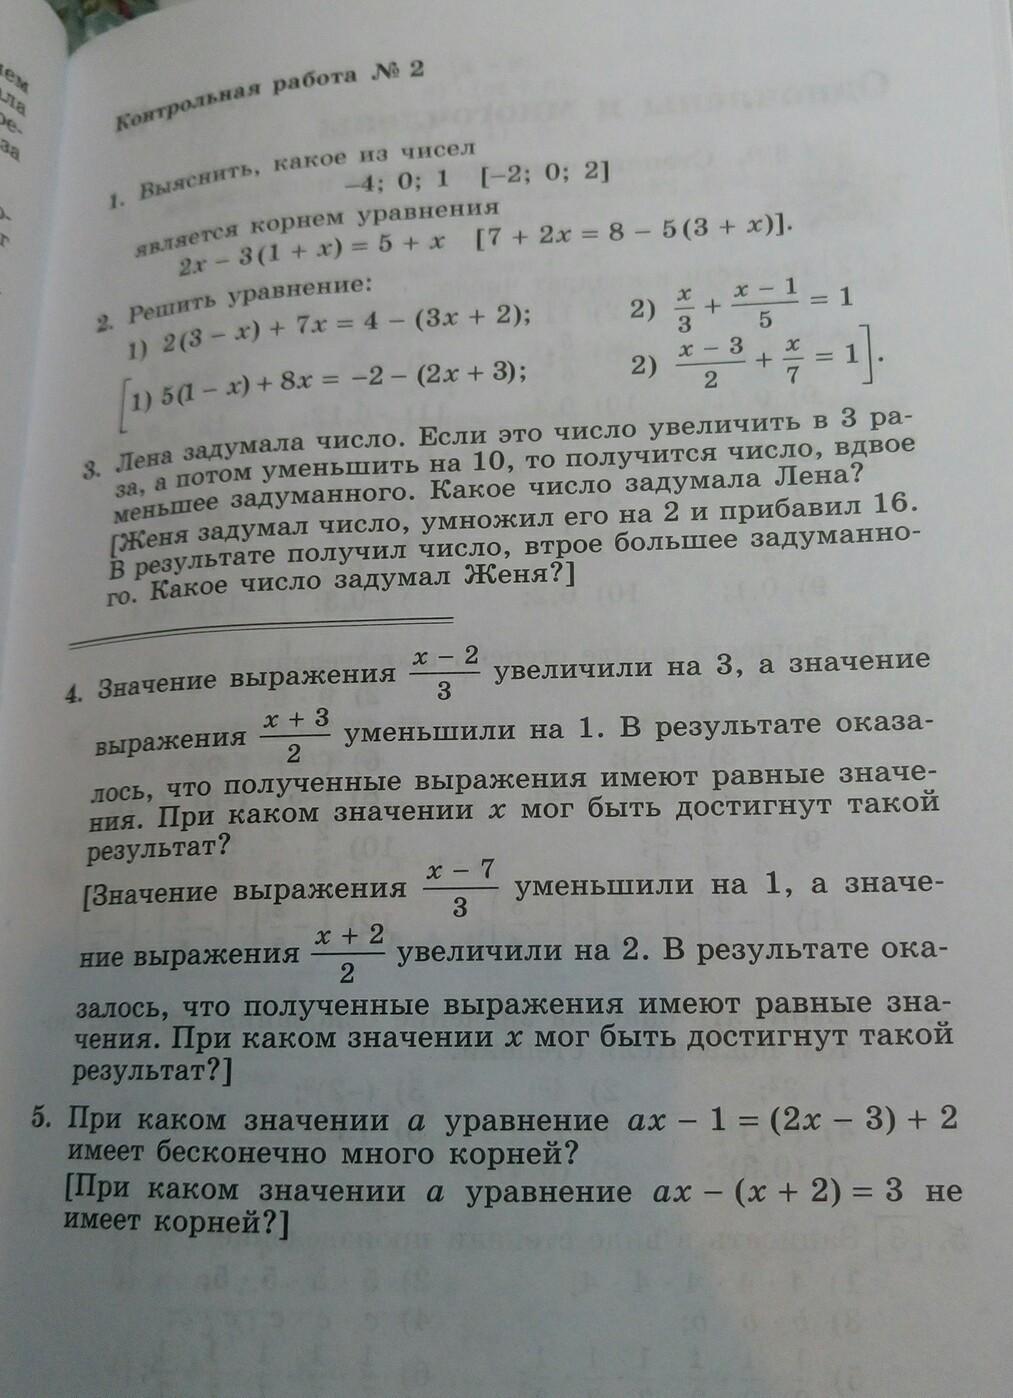 Срочно! Может у кого нибудь есть сайт решения по дидактического материалу(алгебра 7кл)?Или помогите решить!! Вариант 2(в квадратных скобках).